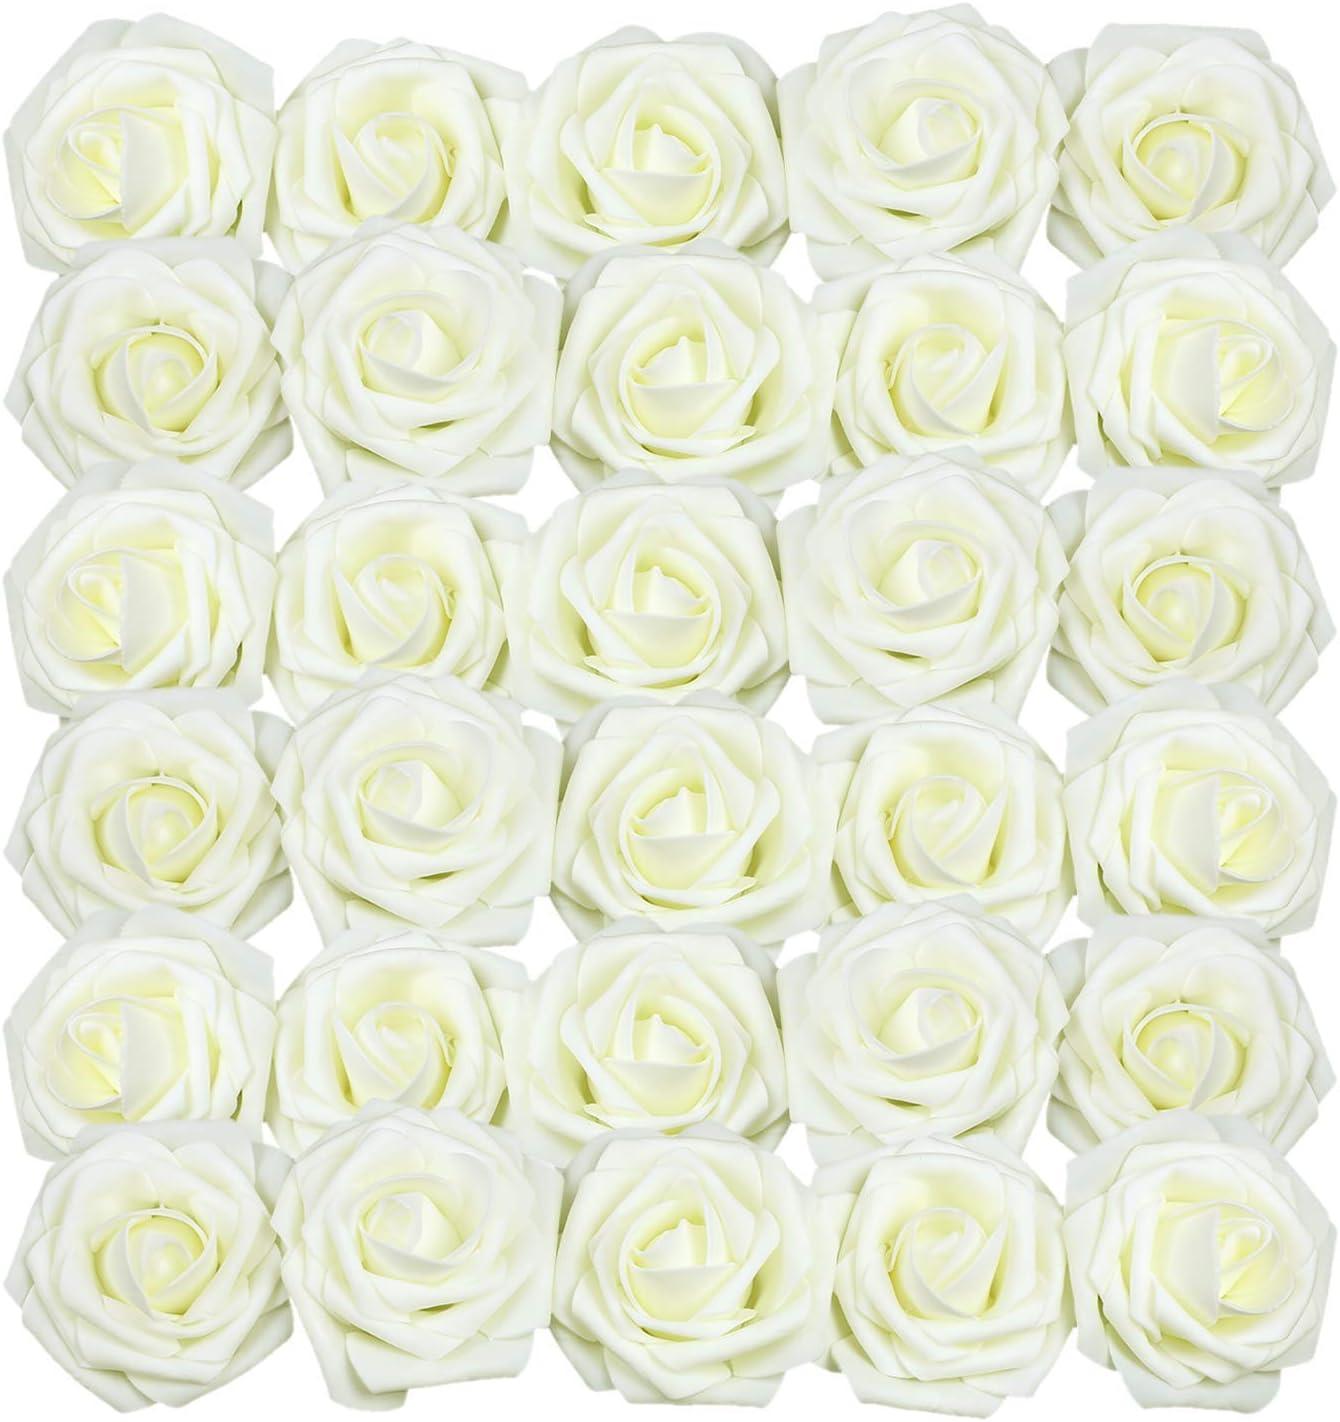 Guirnalda de flores A-cherry Blossom Vi/ñes-rosa claro 2 unidades Homcomodar